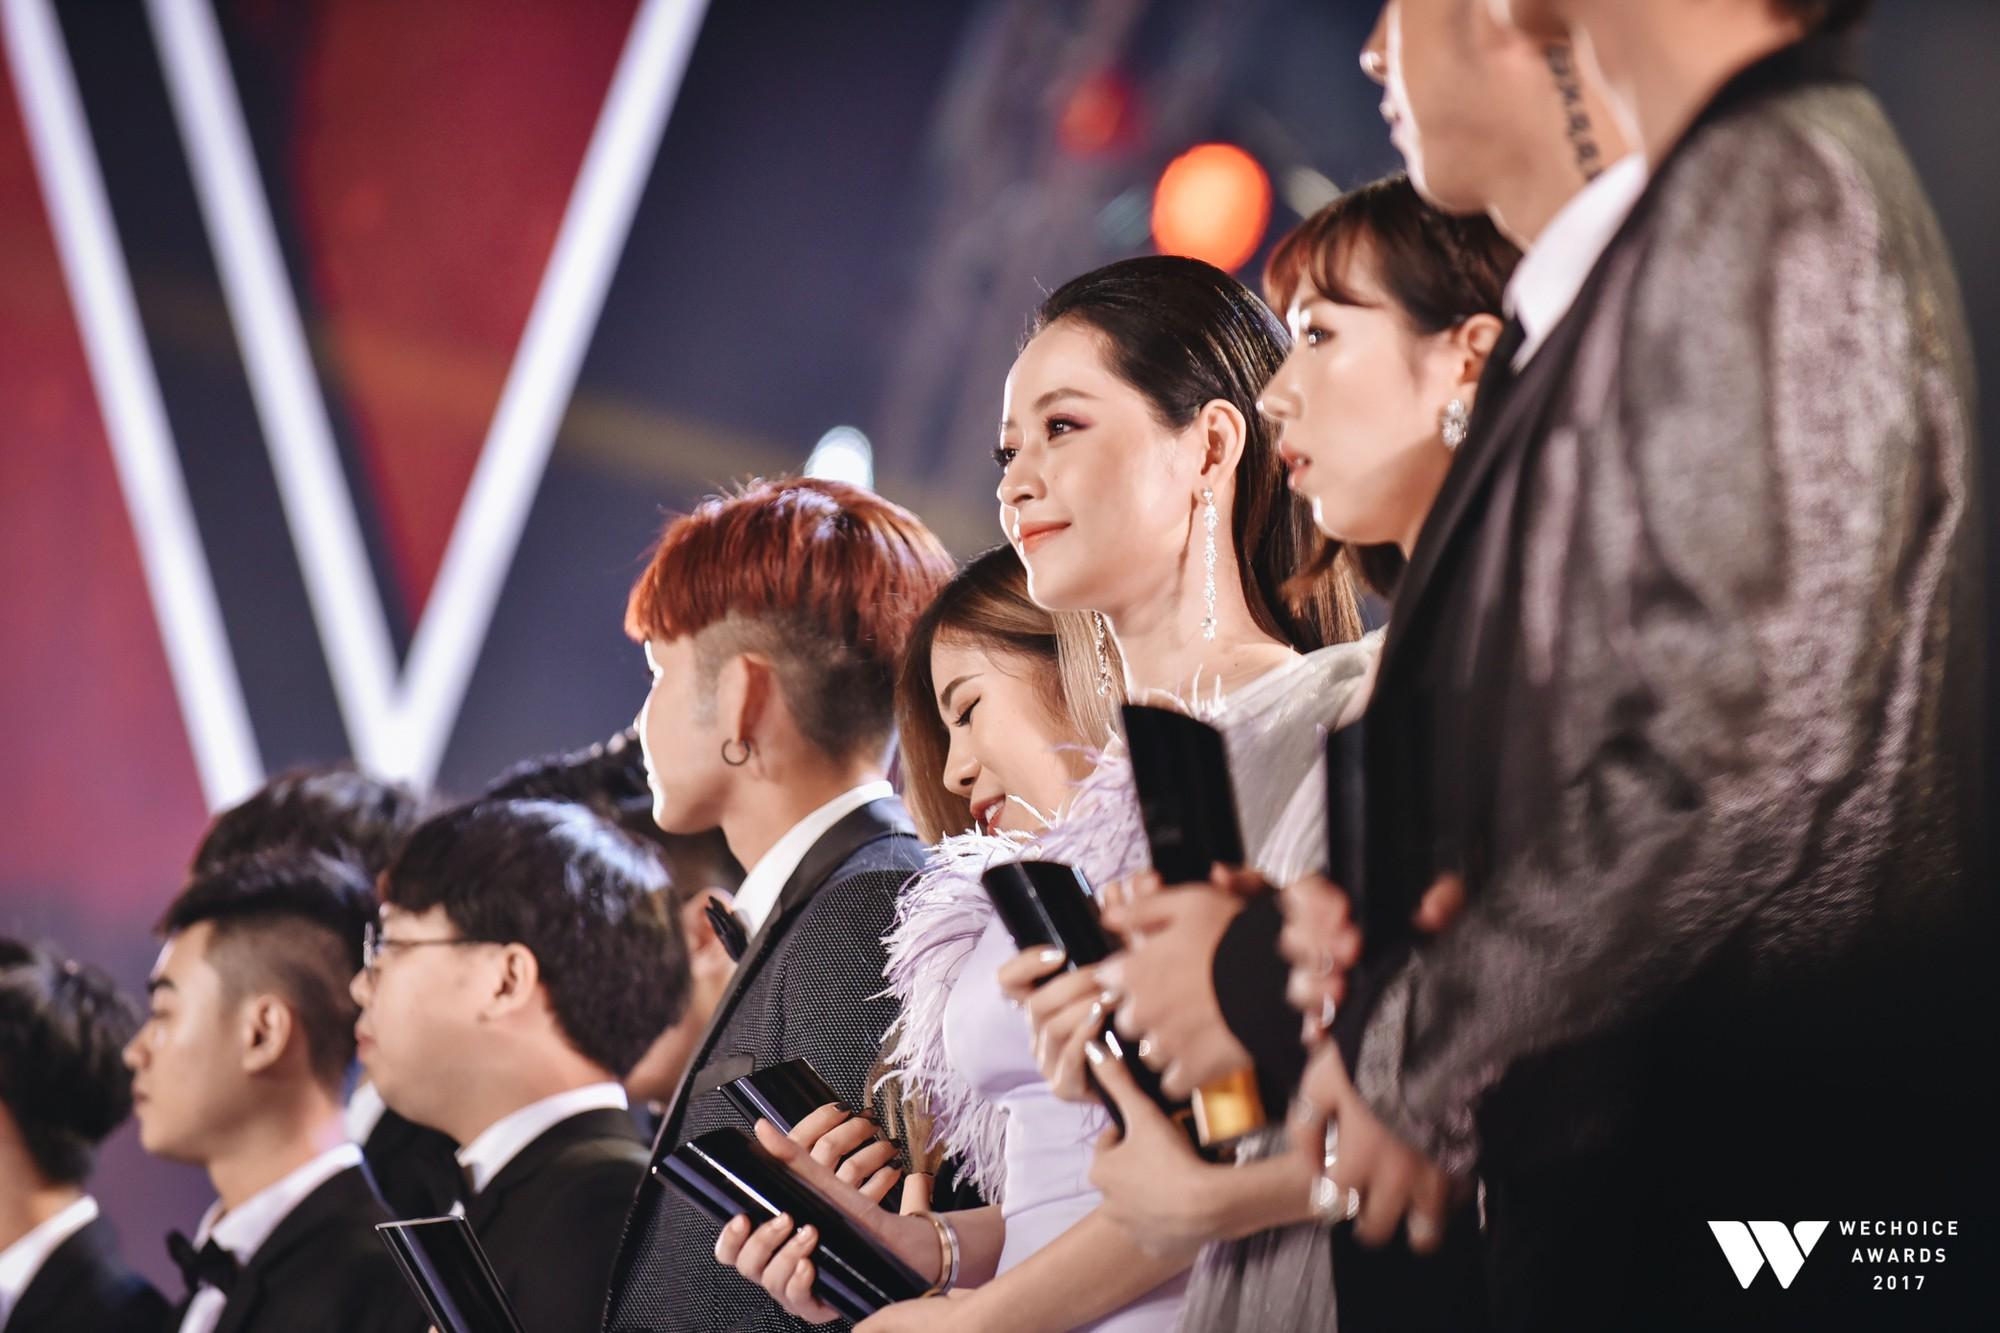 Gala WeChoice Awards 2017 và loạt khoảnh khắc chạm đến trái tim khi những niềm cảm hứng được tôn vinh! - Ảnh 24.